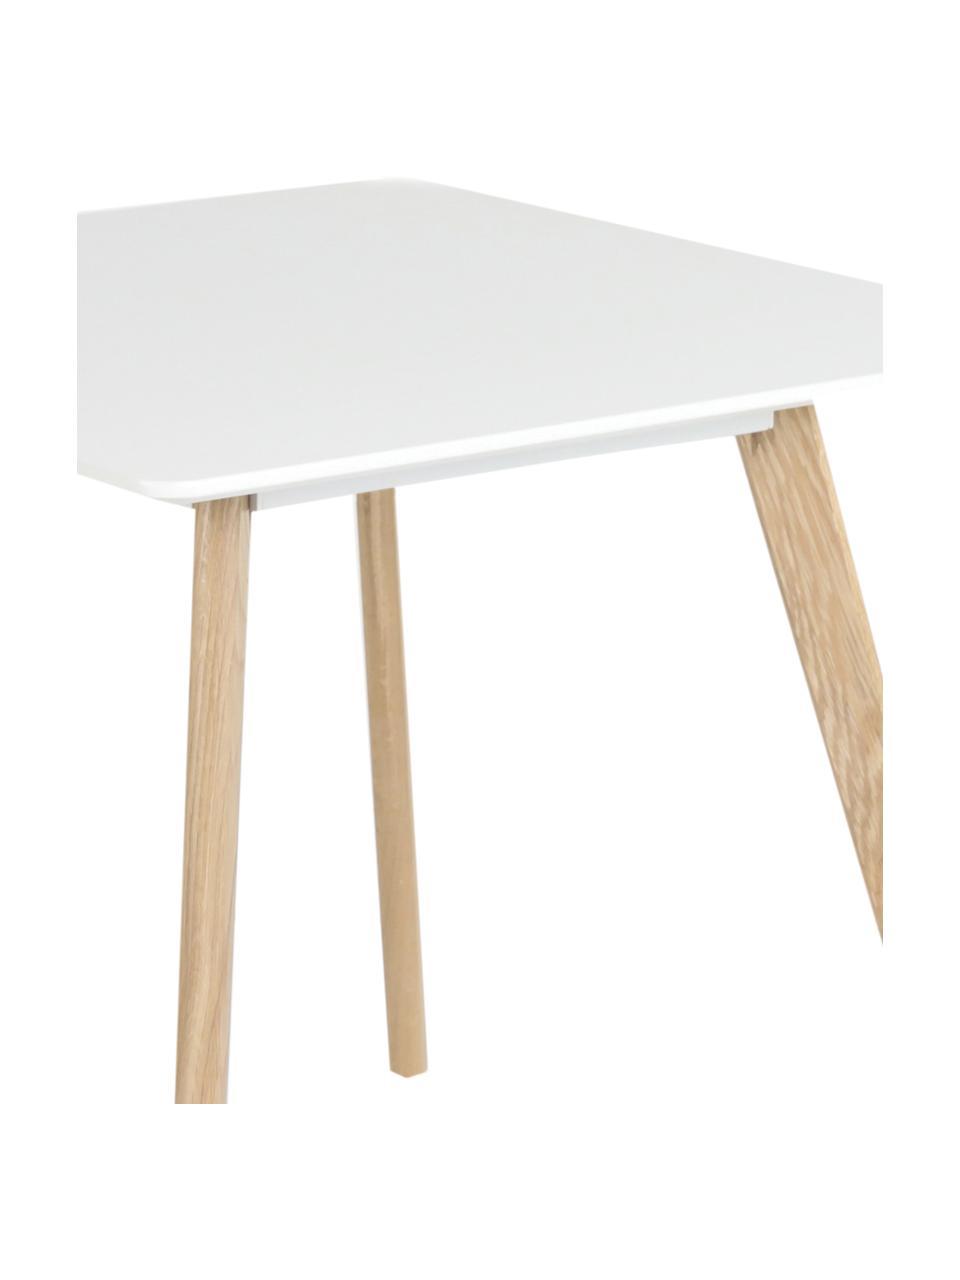 Stół do jadalni Flamy, Blat: Płyta pilśniowa średniej , Biały, S 80 x G 80 cm